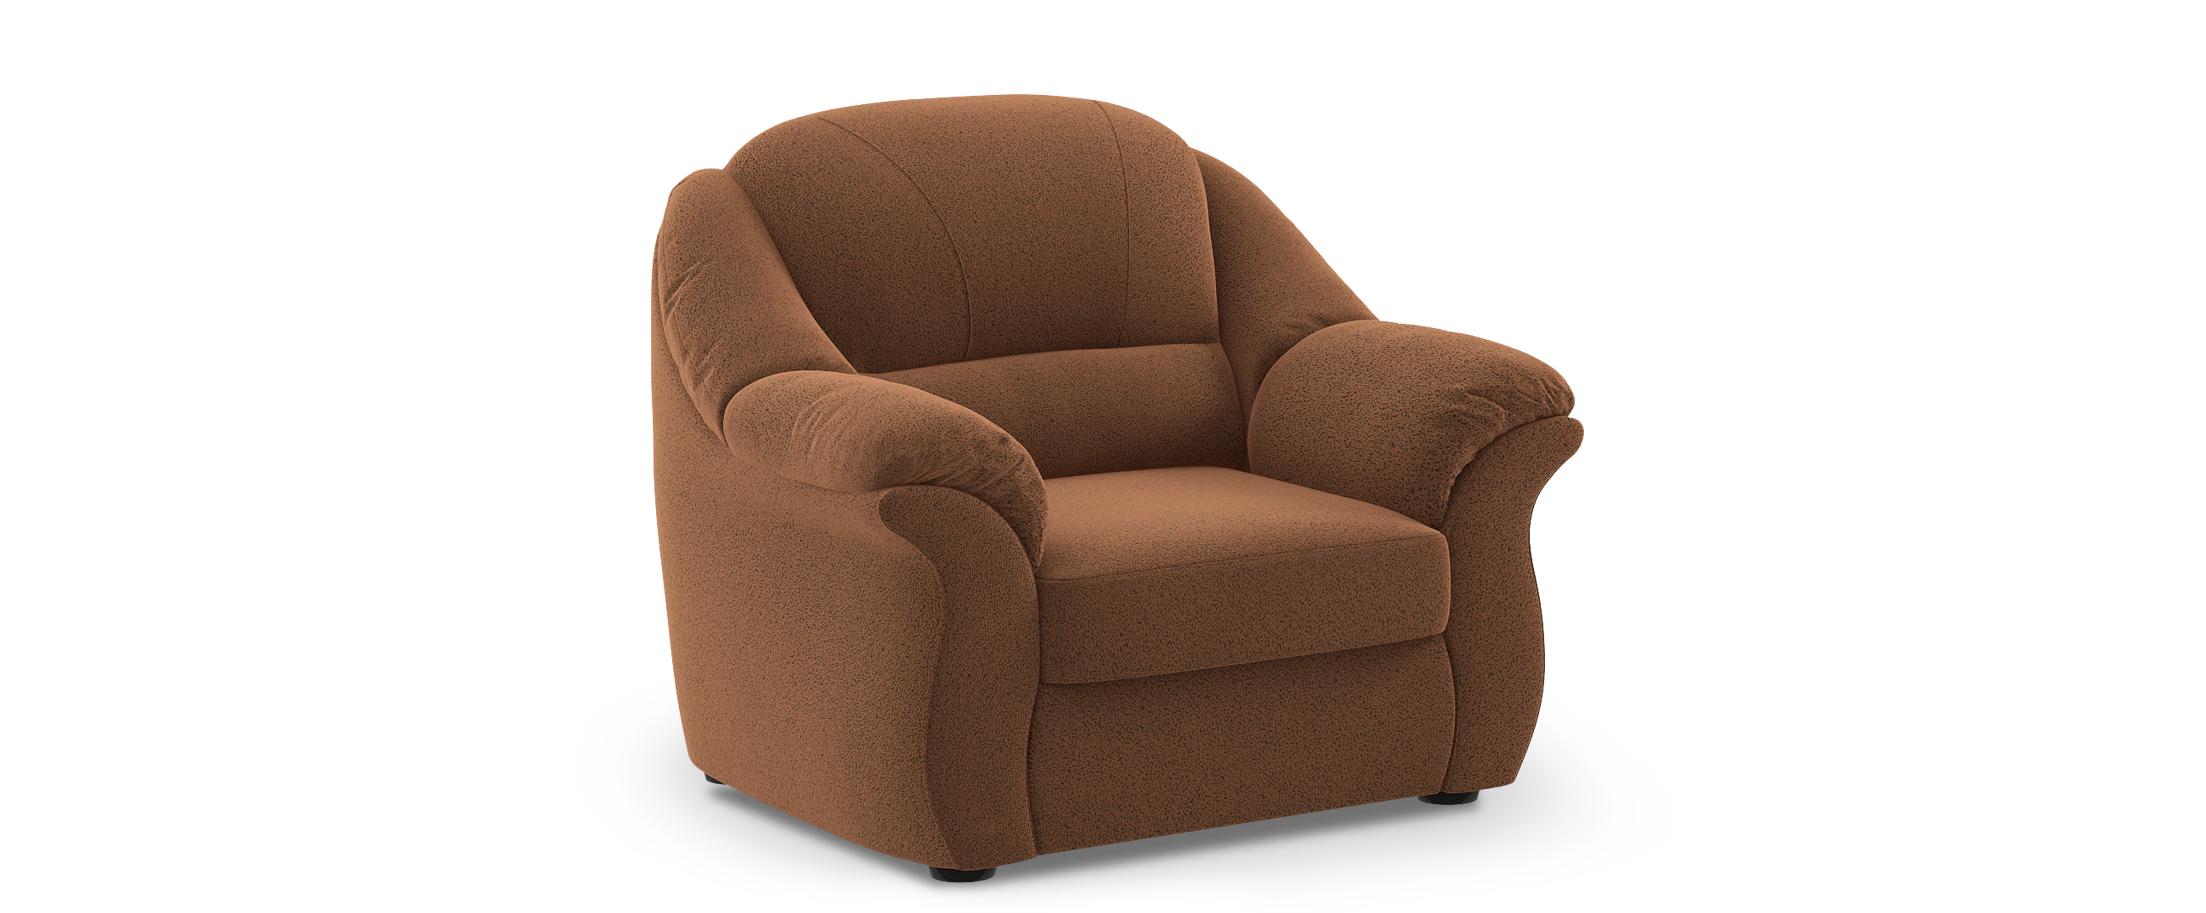 Кресло Бостон 017Купить коричневое кресло Бостон из замши от производителя. Доставка от 1 дня. Подъём, сборка, вынос упаковки. Гарантия 18 месяцев. Интернет-магазин мебели MOON-TRADE.RU<br><br>Ширина см: 117<br>Глубина см: 92<br>Высота см: 99<br>Глубина посадочного места см: 50<br>Цвет: Коричневый<br>Материал: Замша<br>Жёсткость: Мягкий<br>Каркас: Массив дерева<br>Чехол: Несъёмный<br>Основание: Резинотканевые ремни<br>Бельевой короб: Есть<br>Мягкий настил: ППУ<br>Код ткани: 67-78<br>Модель: Бостон<br>Бренд: MOON-TRADE